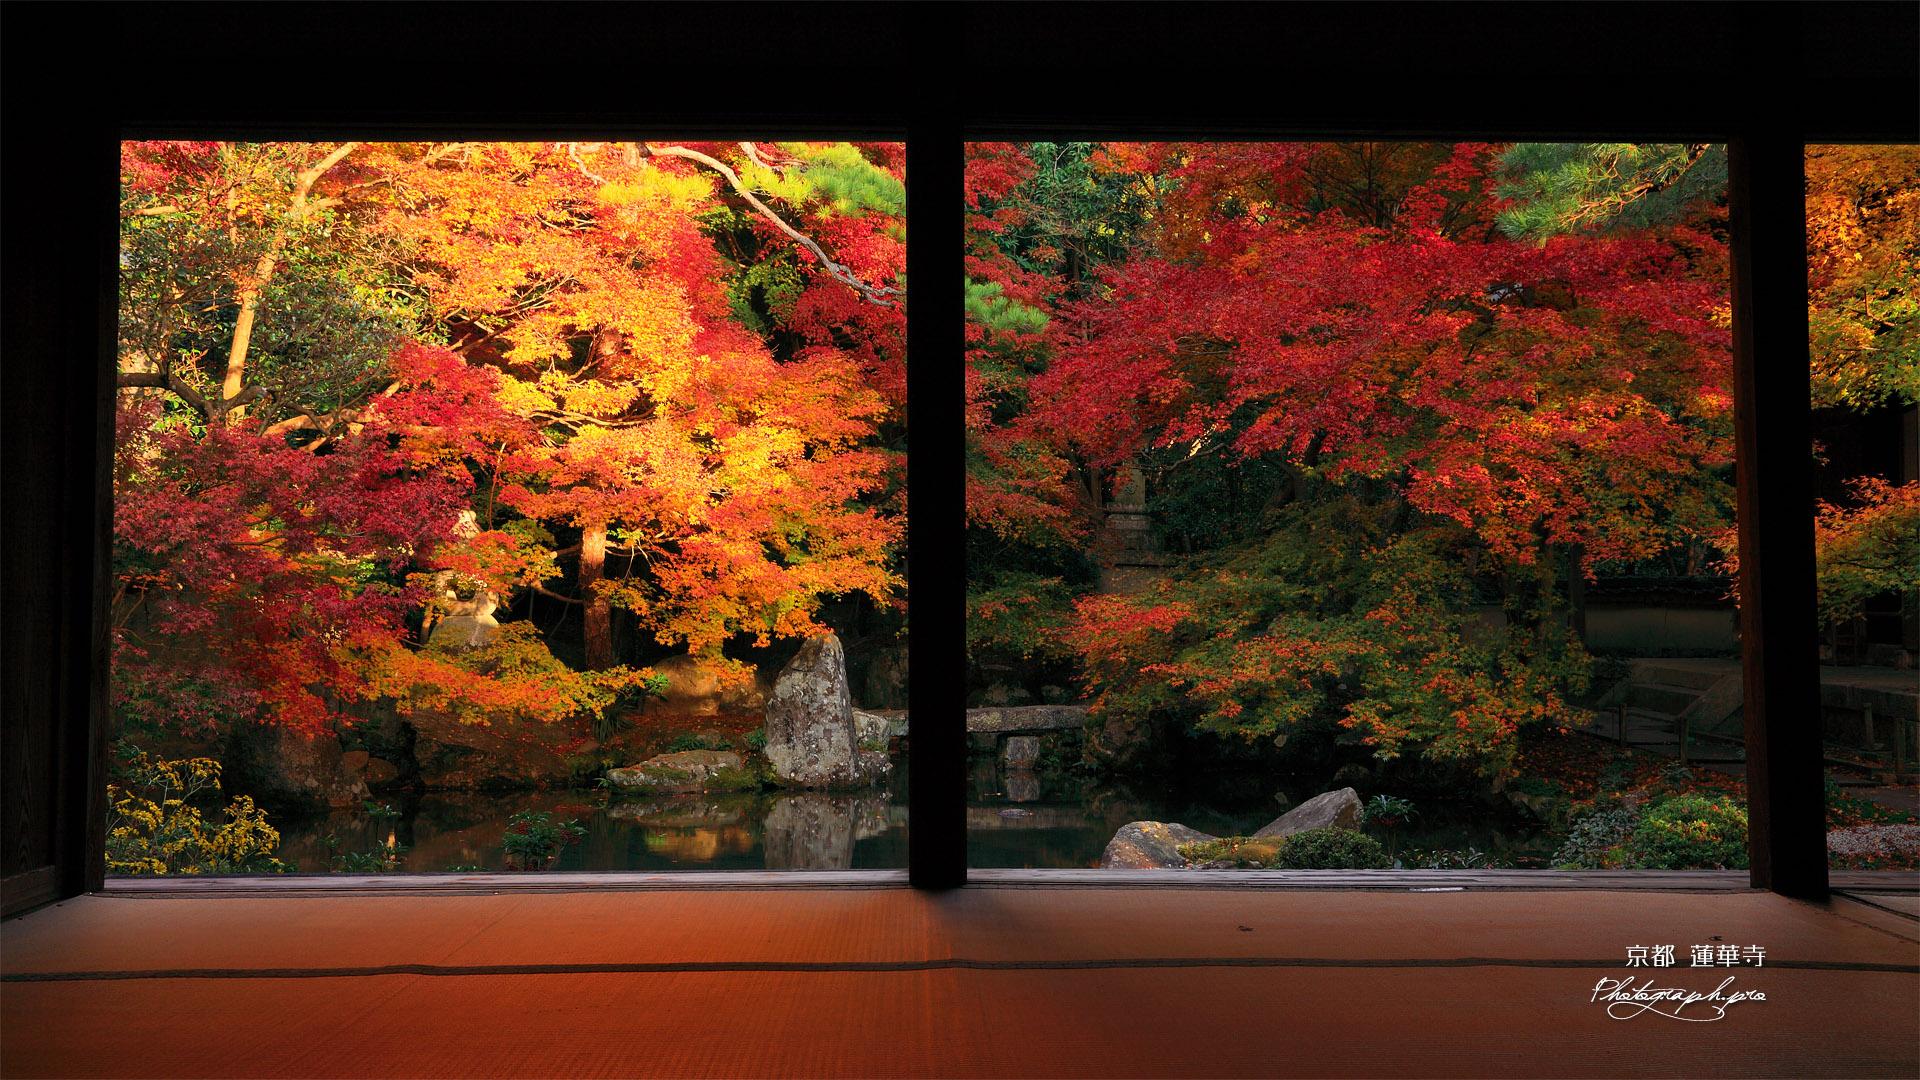 蓮華寺 紅葉の浄土式庭園